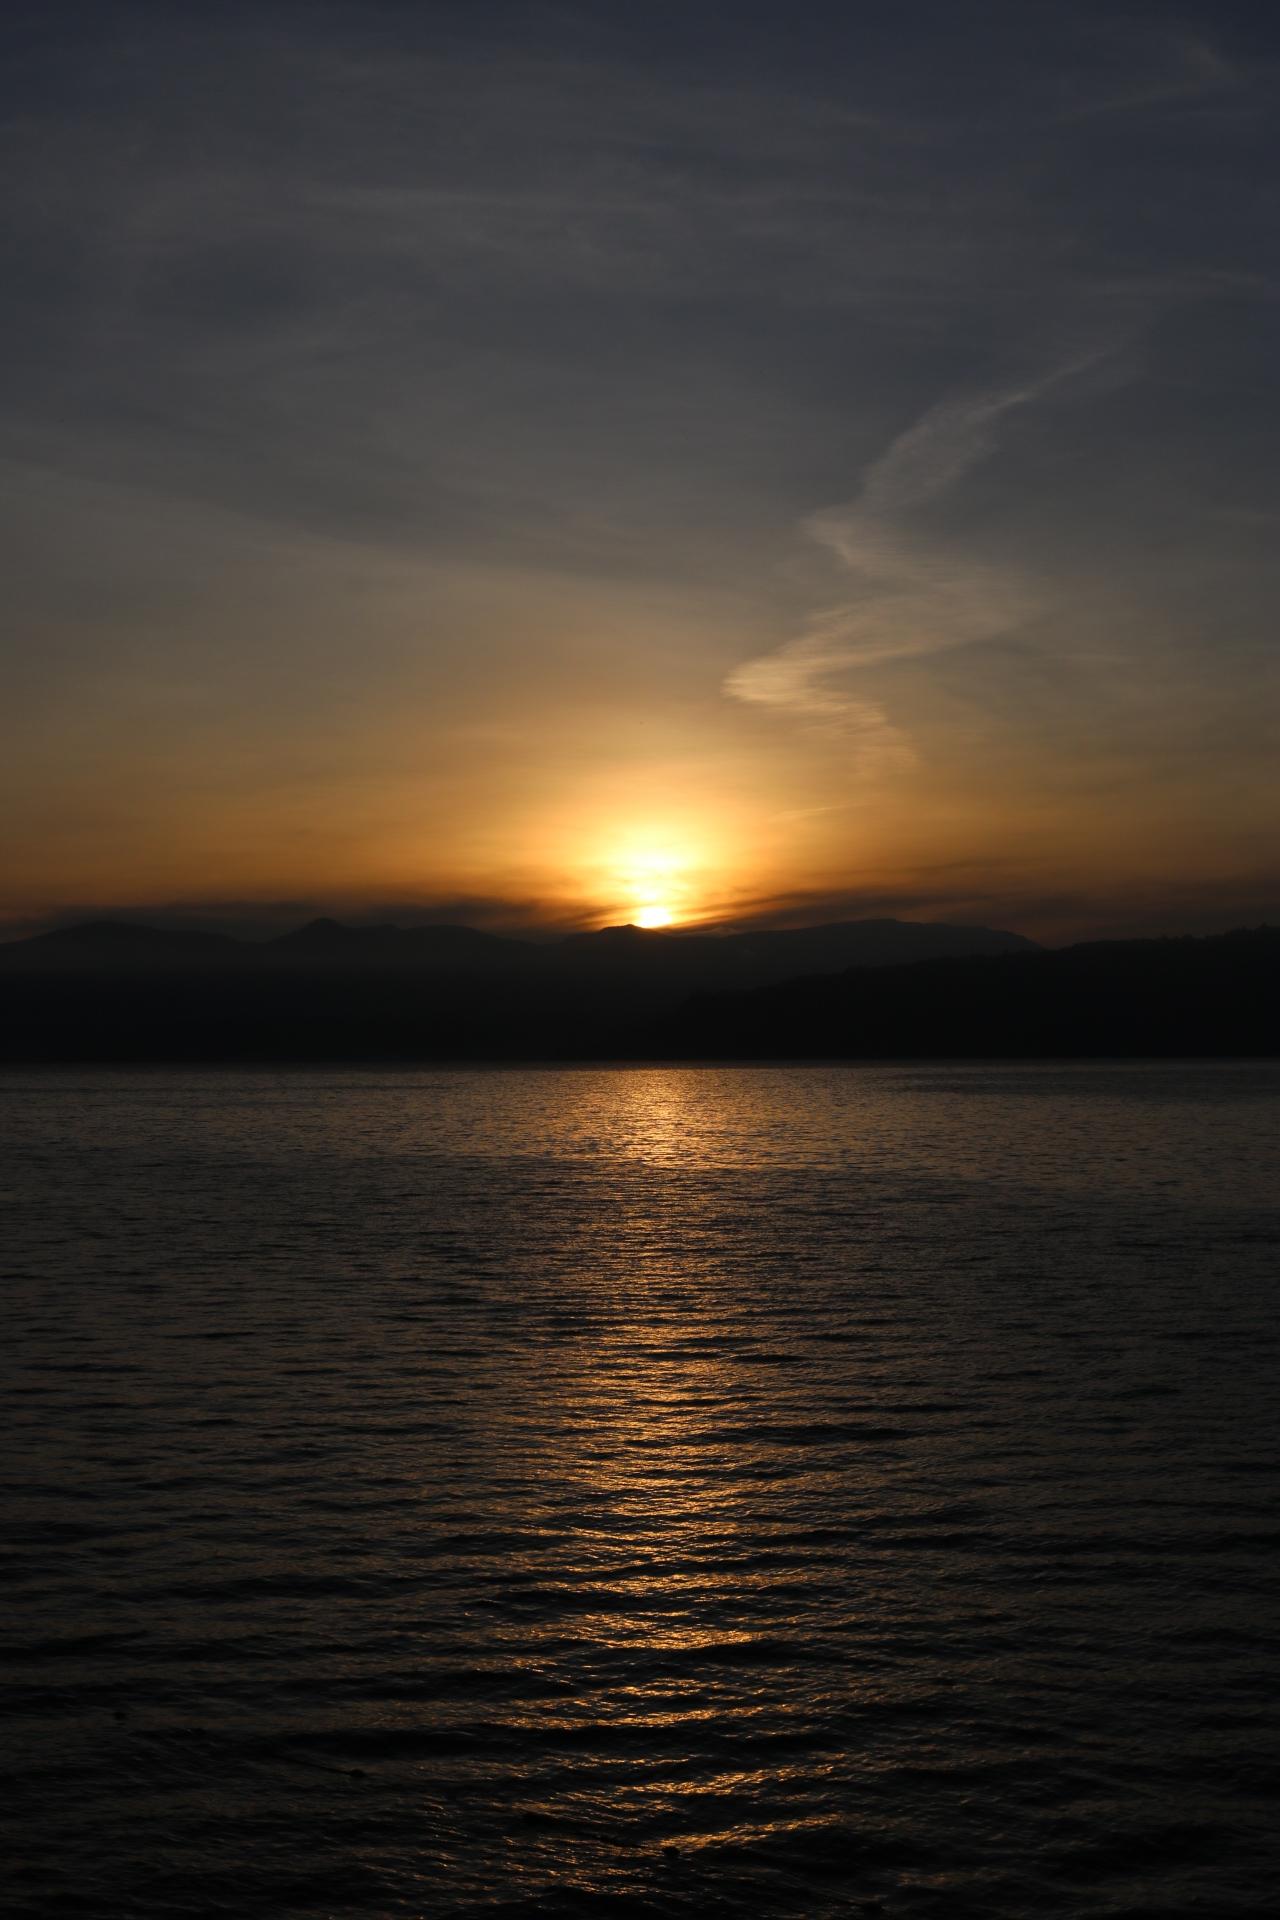 Lake Toba Sunrise